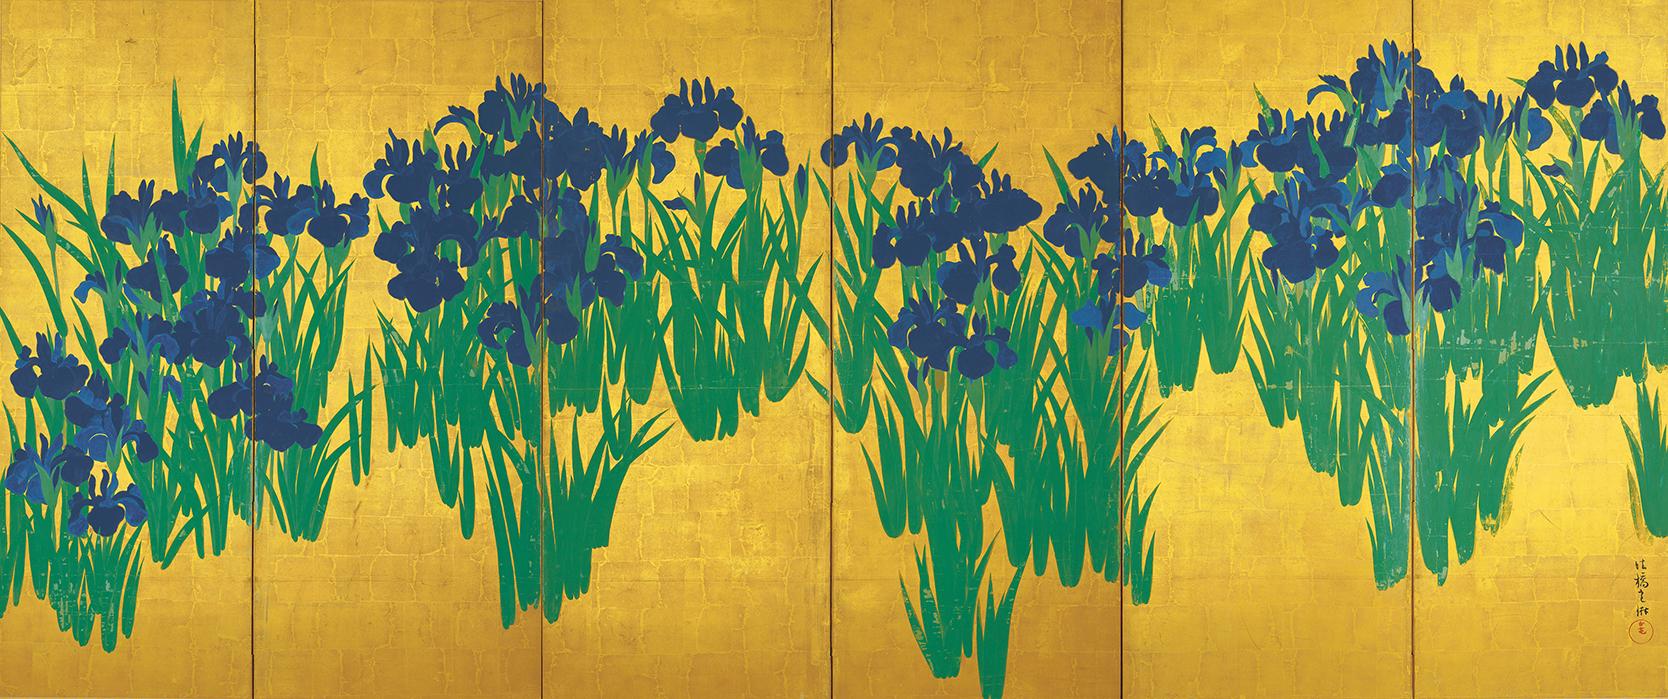 国宝 燕子花図屏風(右隻) 尾形光琳筆 江戸・18世紀 東京・根津美術館 11月14日~11月26日展示